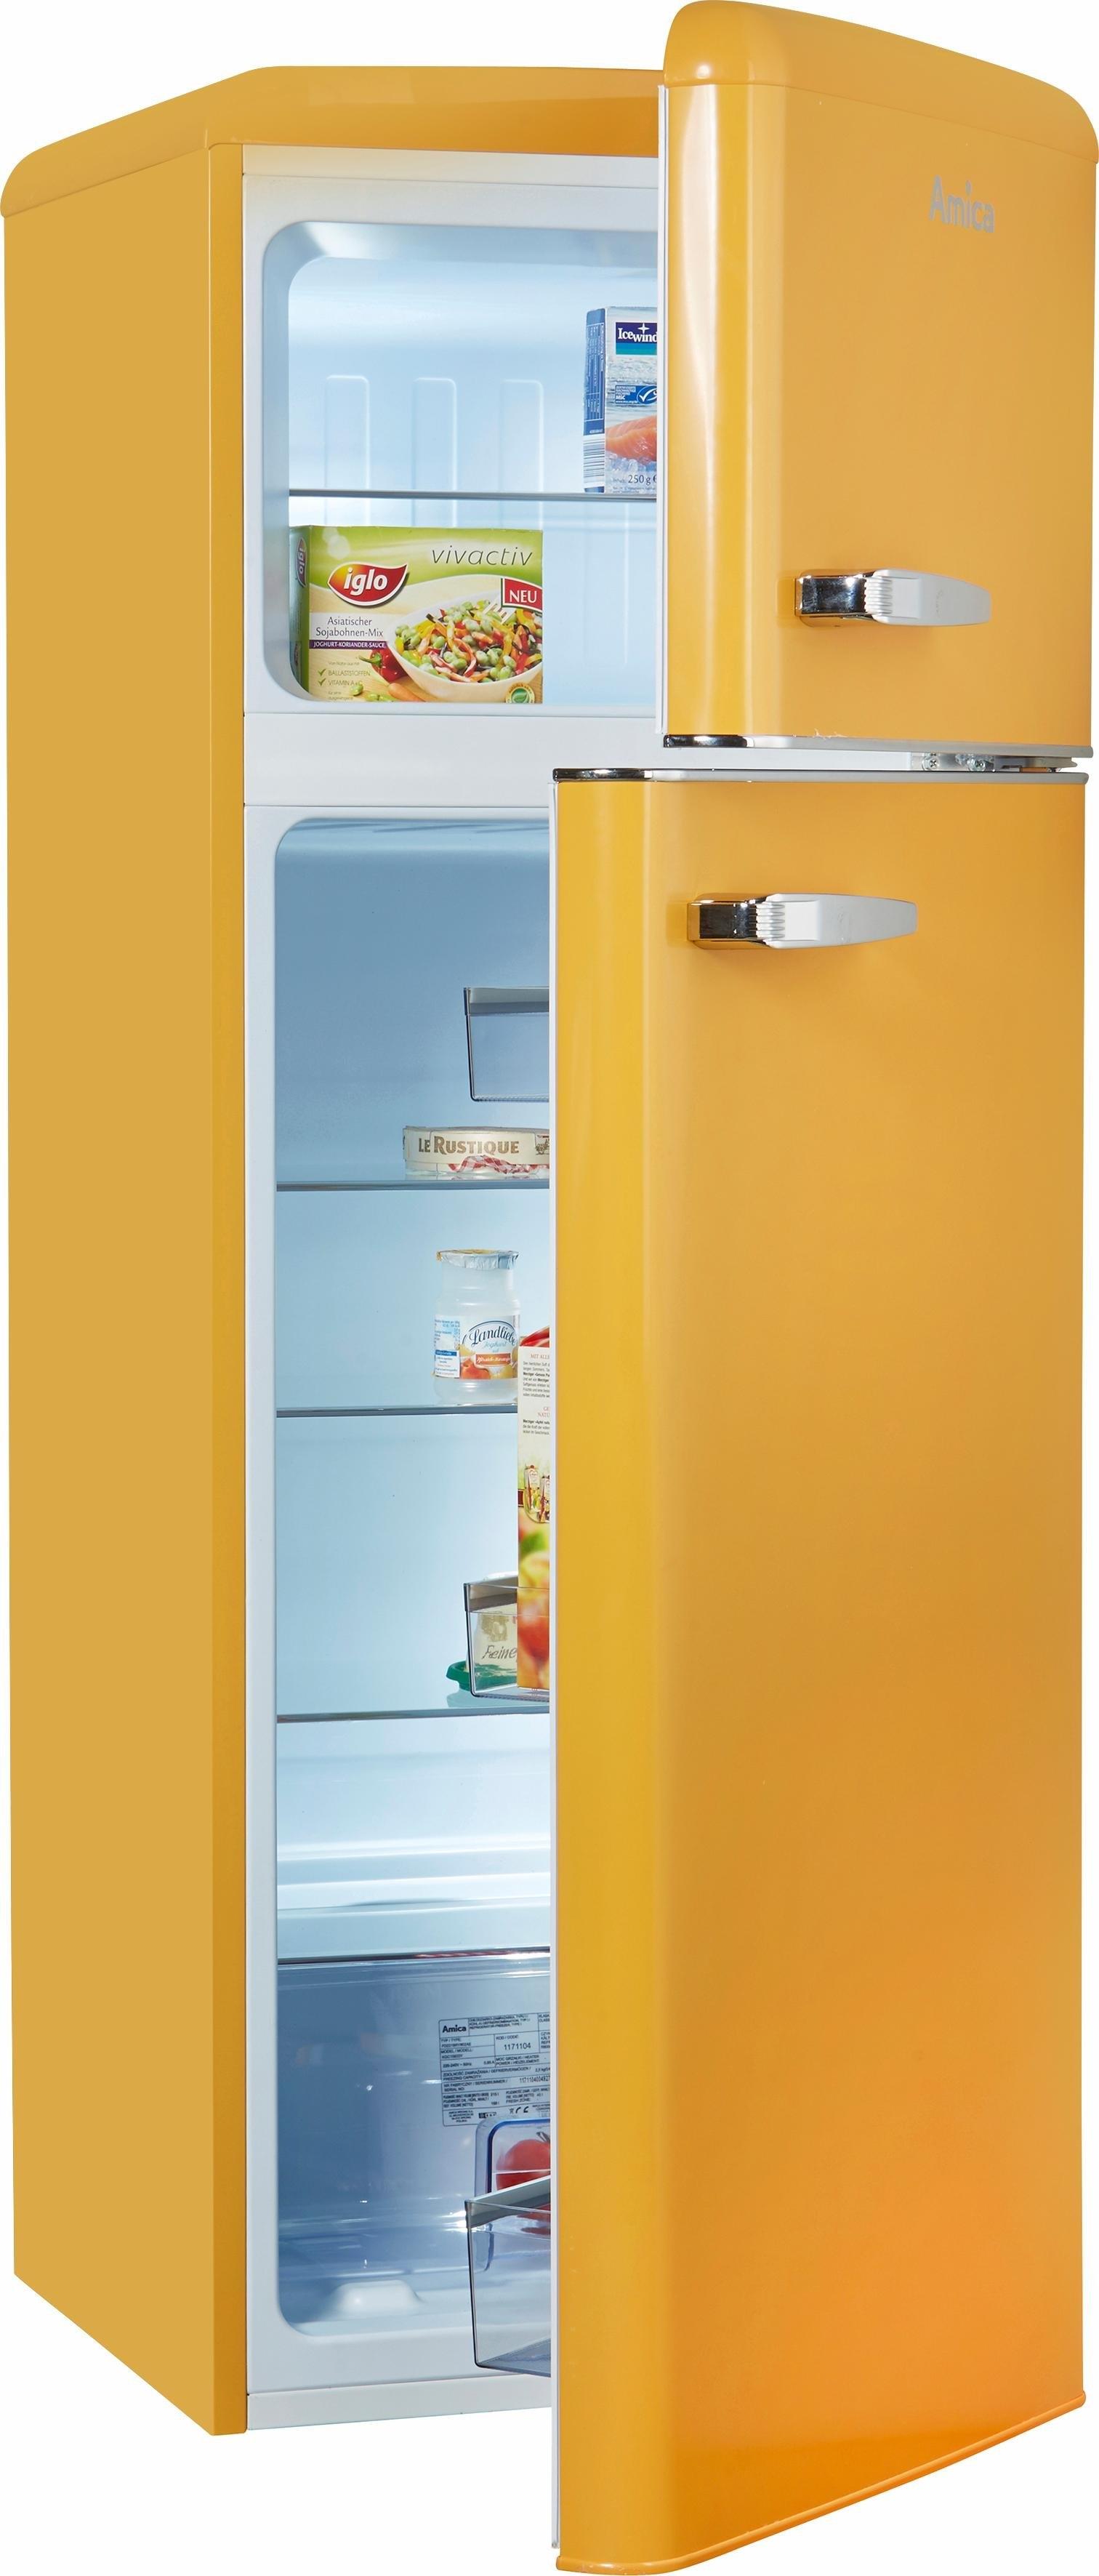 Amica koel-vriescombinatie KGC 15633 Y, A++, 144 cm hoog goedkoop op otto.nl kopen